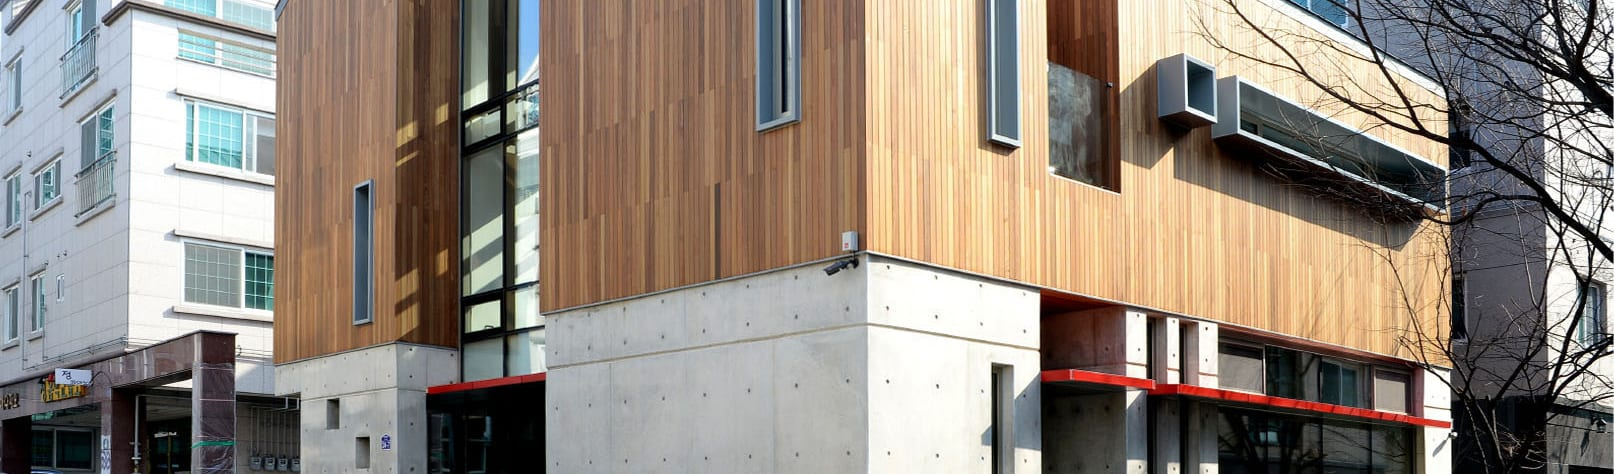 경피리 건축발전소